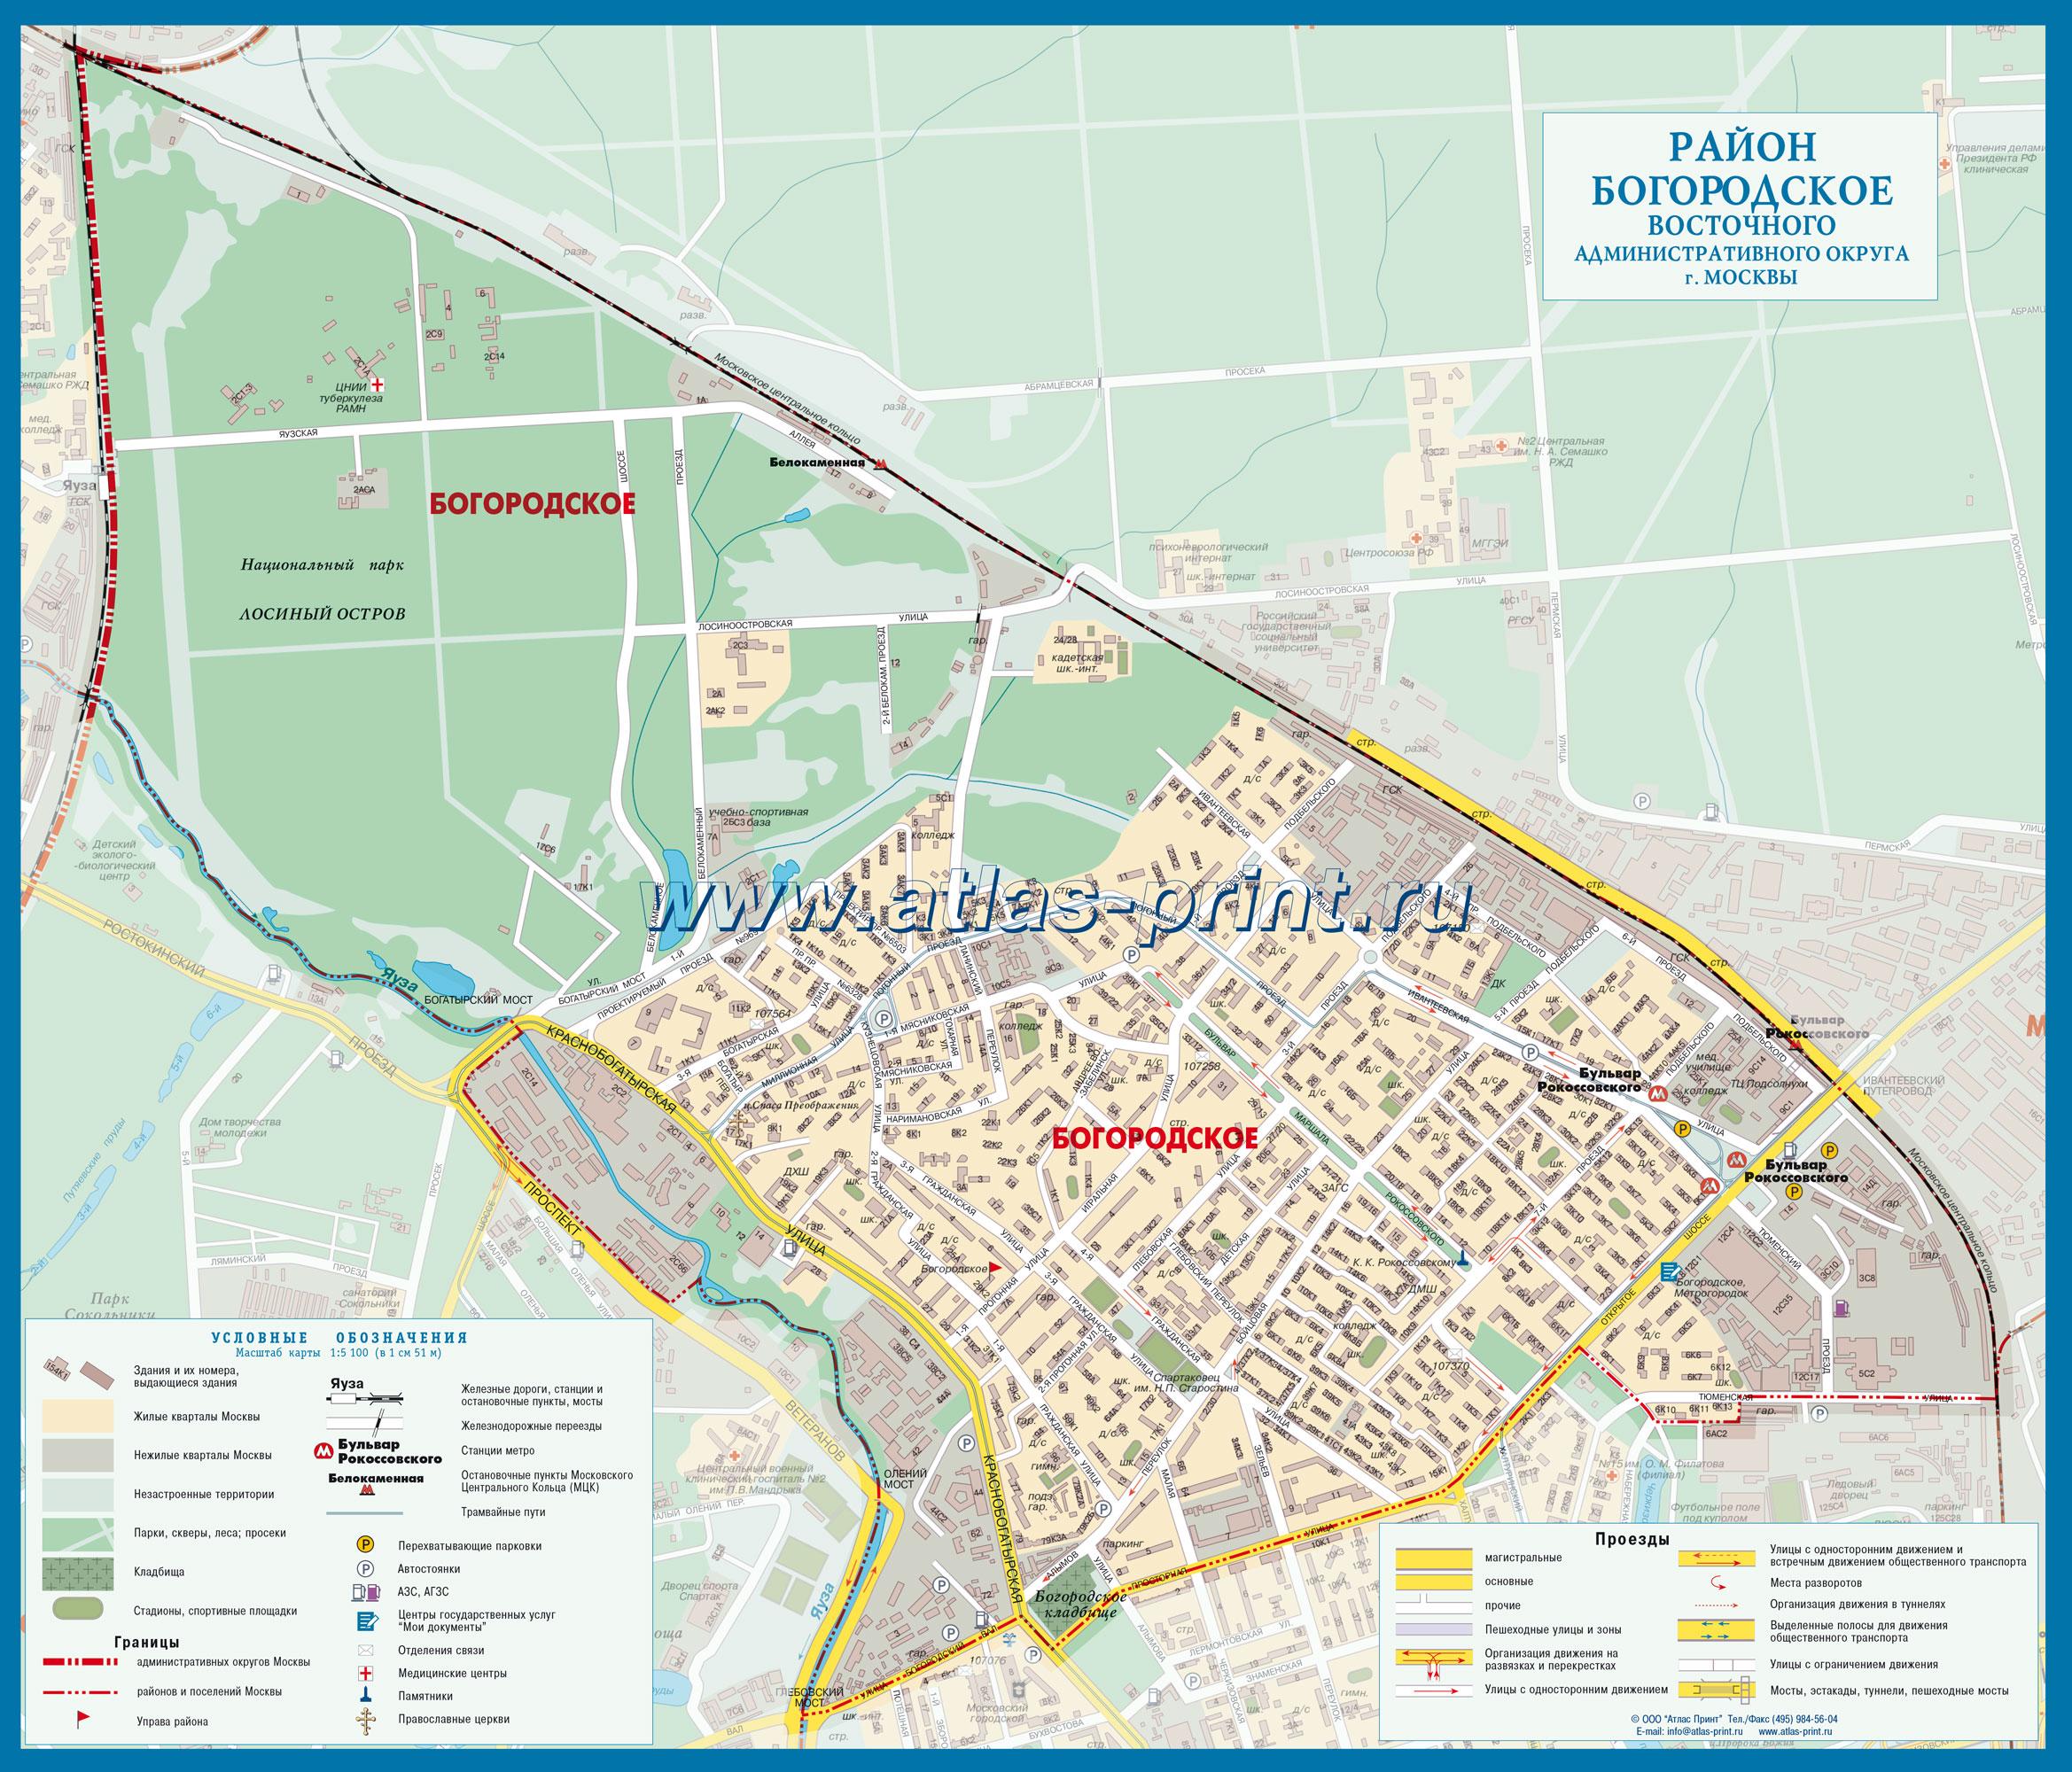 Настенная карта района БОГОРОДСКОЕ (Восточный административный округ г. Москвы) 1,00*0,85 м, ламинированная